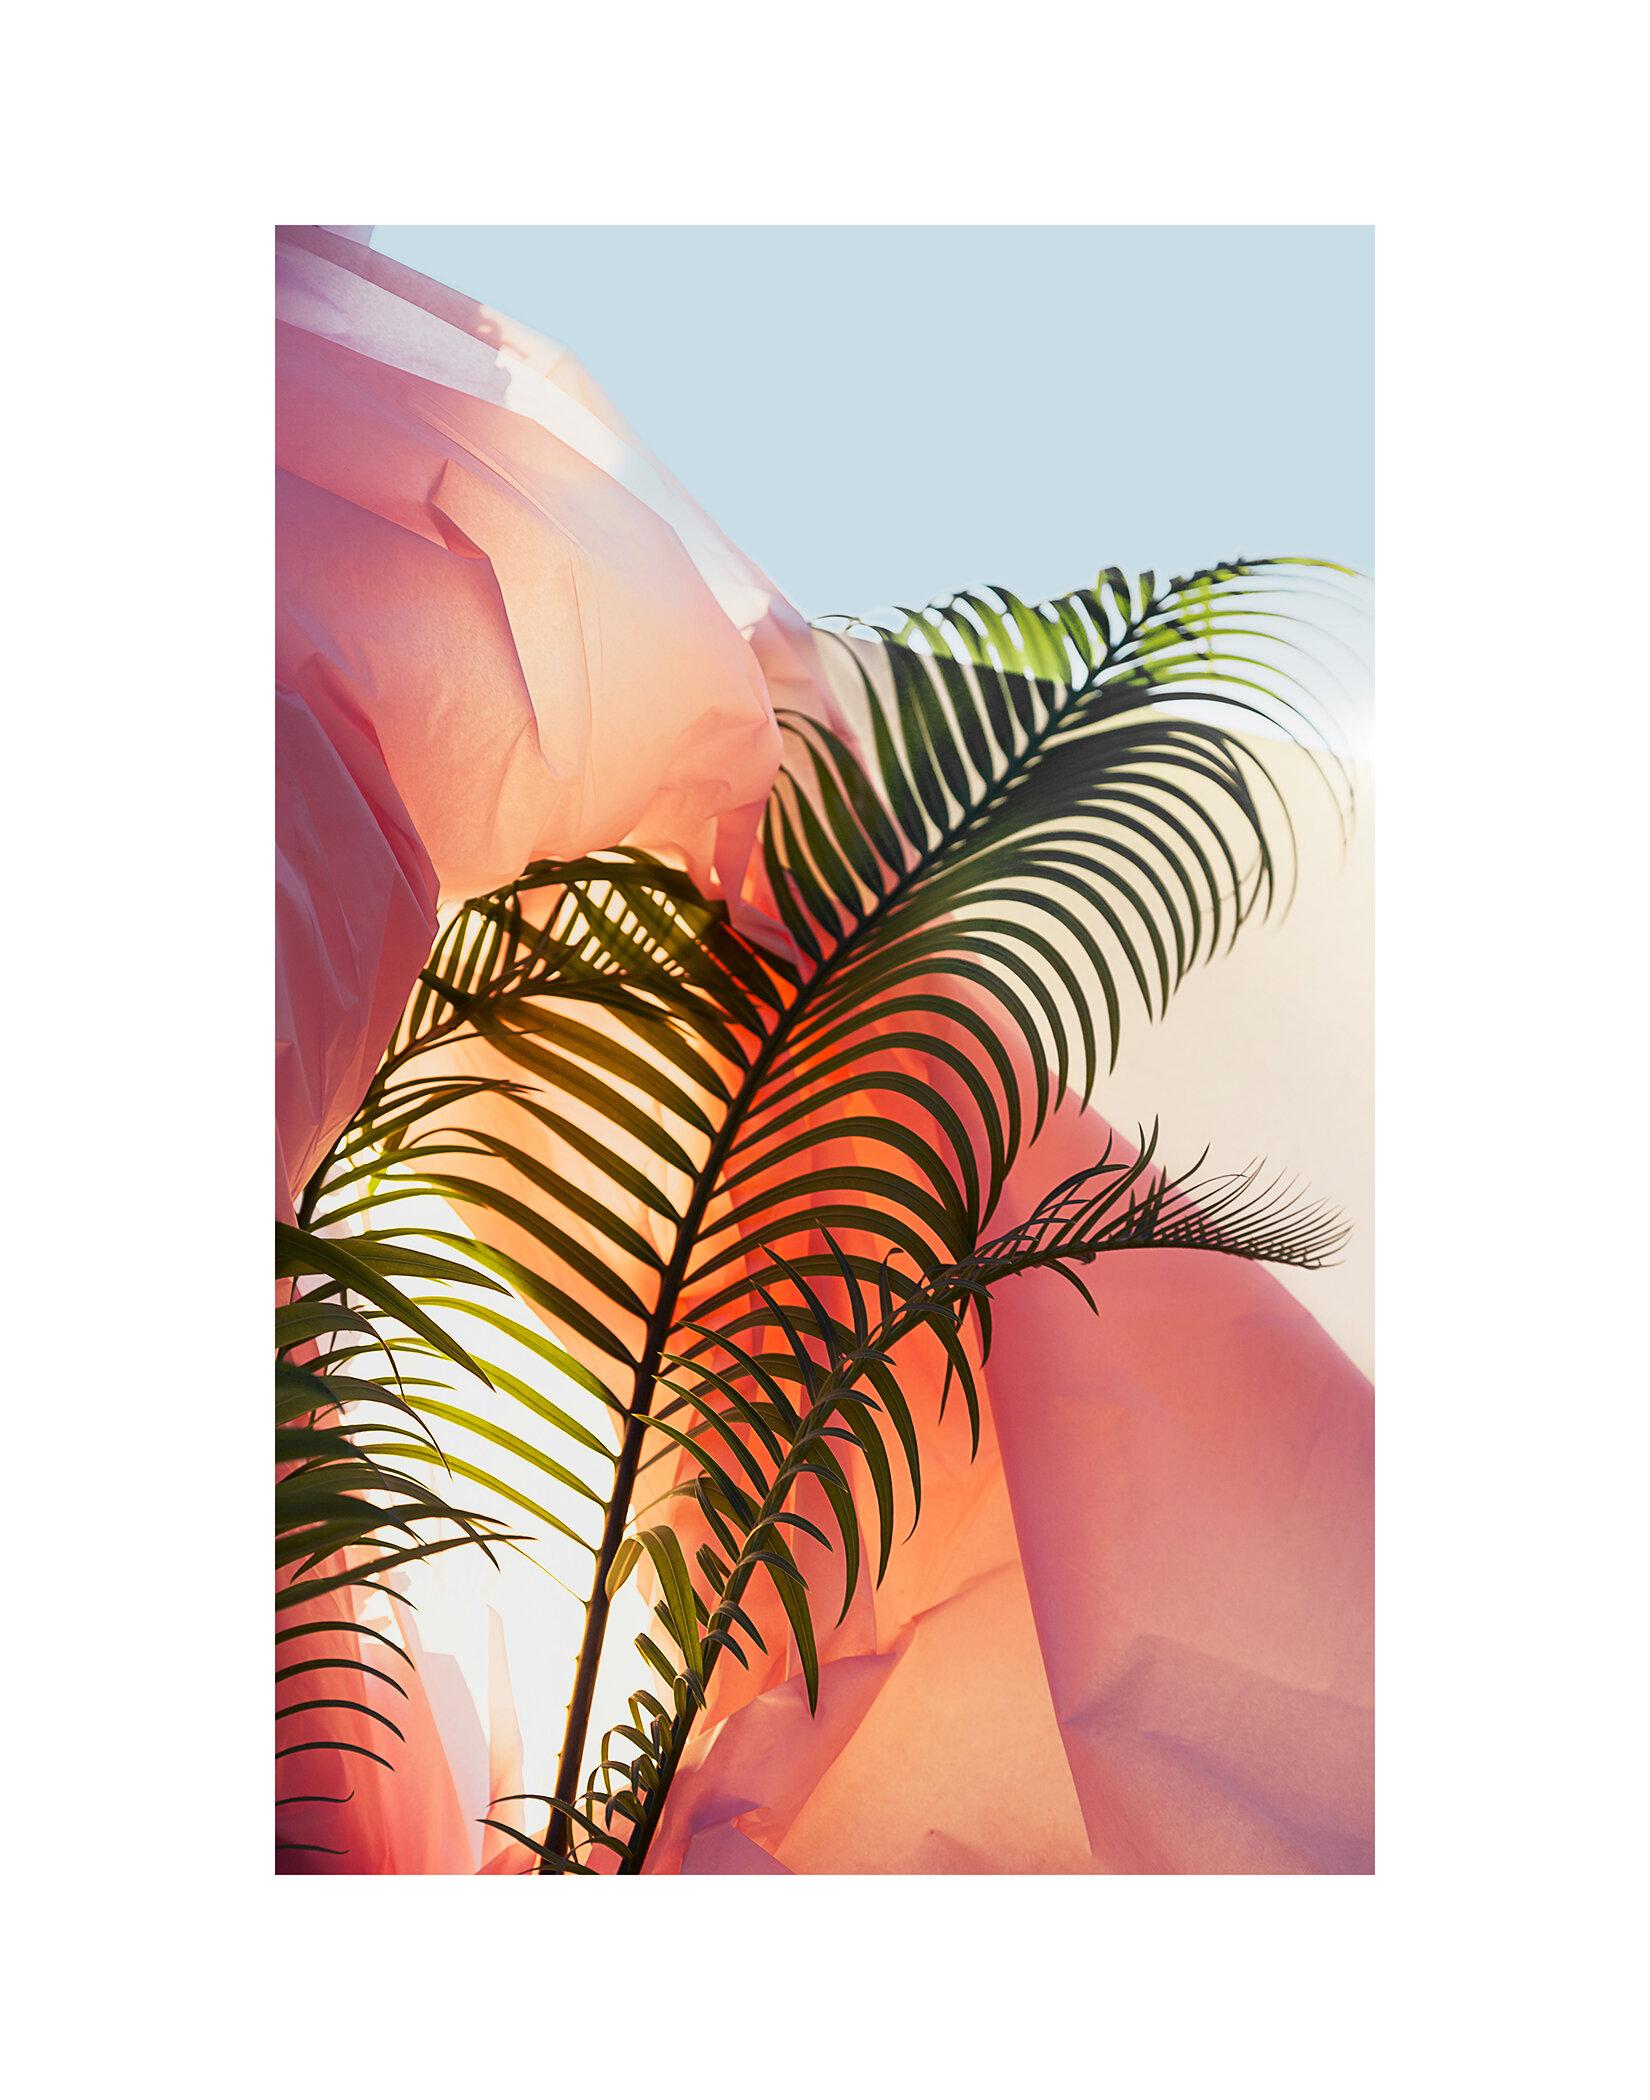 Solo Show, Palm on Plastic/La Habra, CA - Rachelle Mendez